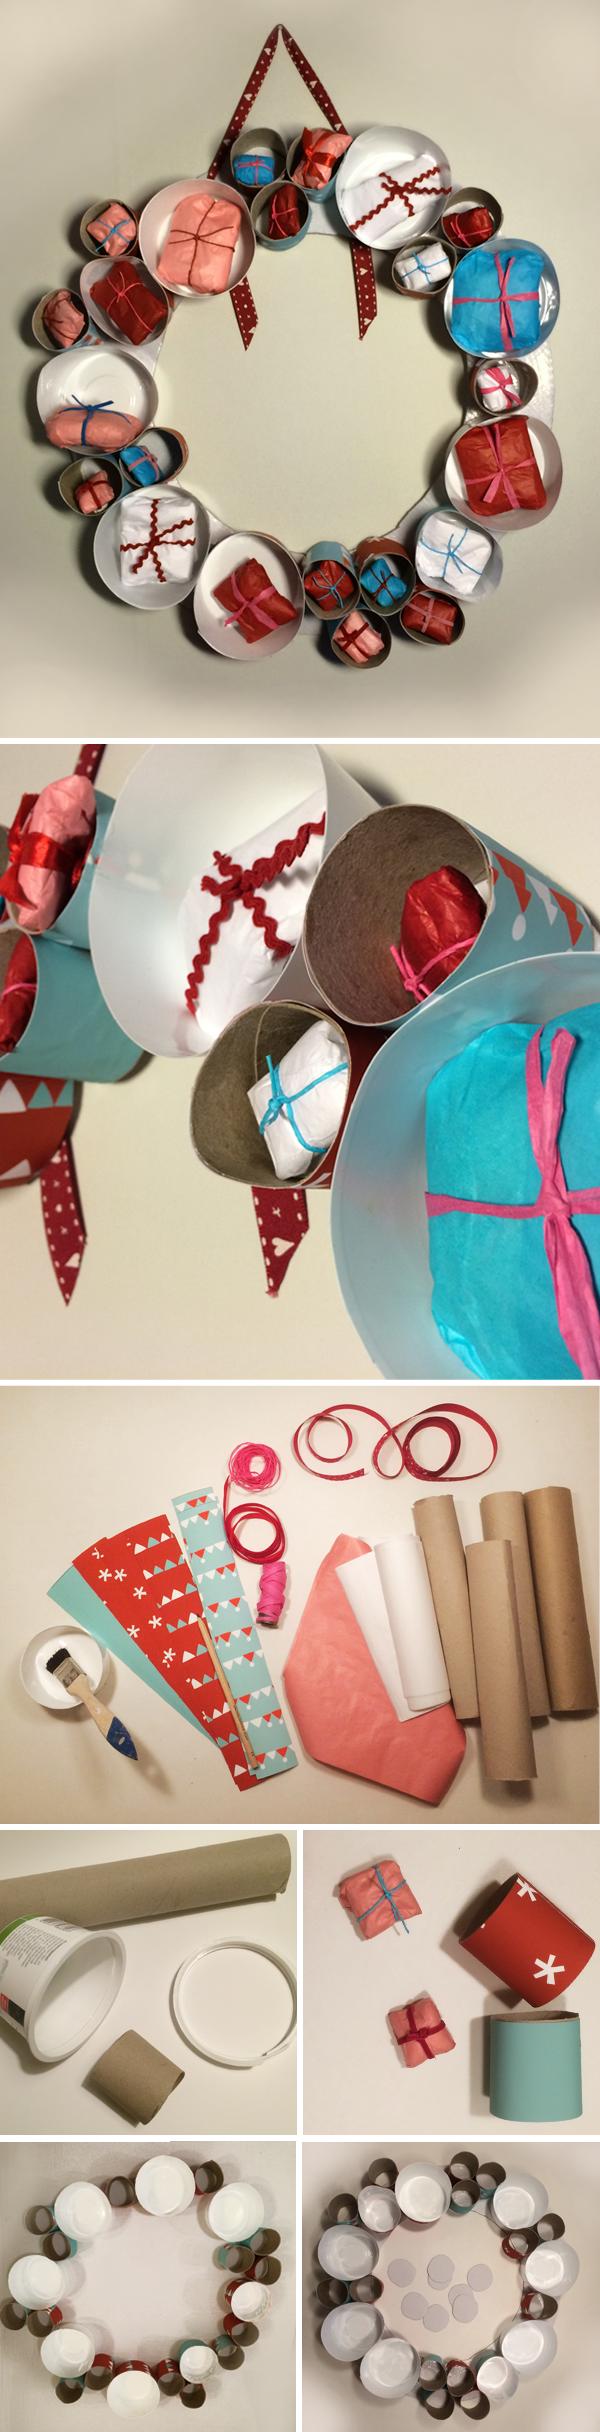 Joulukalenteri WC-paperirullista ja muovipurkeista. lasten | askartelu | joulu | käsityöt | koti | joulukalenteri | kierrätys | DIY ideas | kid crafts | christmas | home | calendar | recycling | recycled materials | Pikku Kakkonen